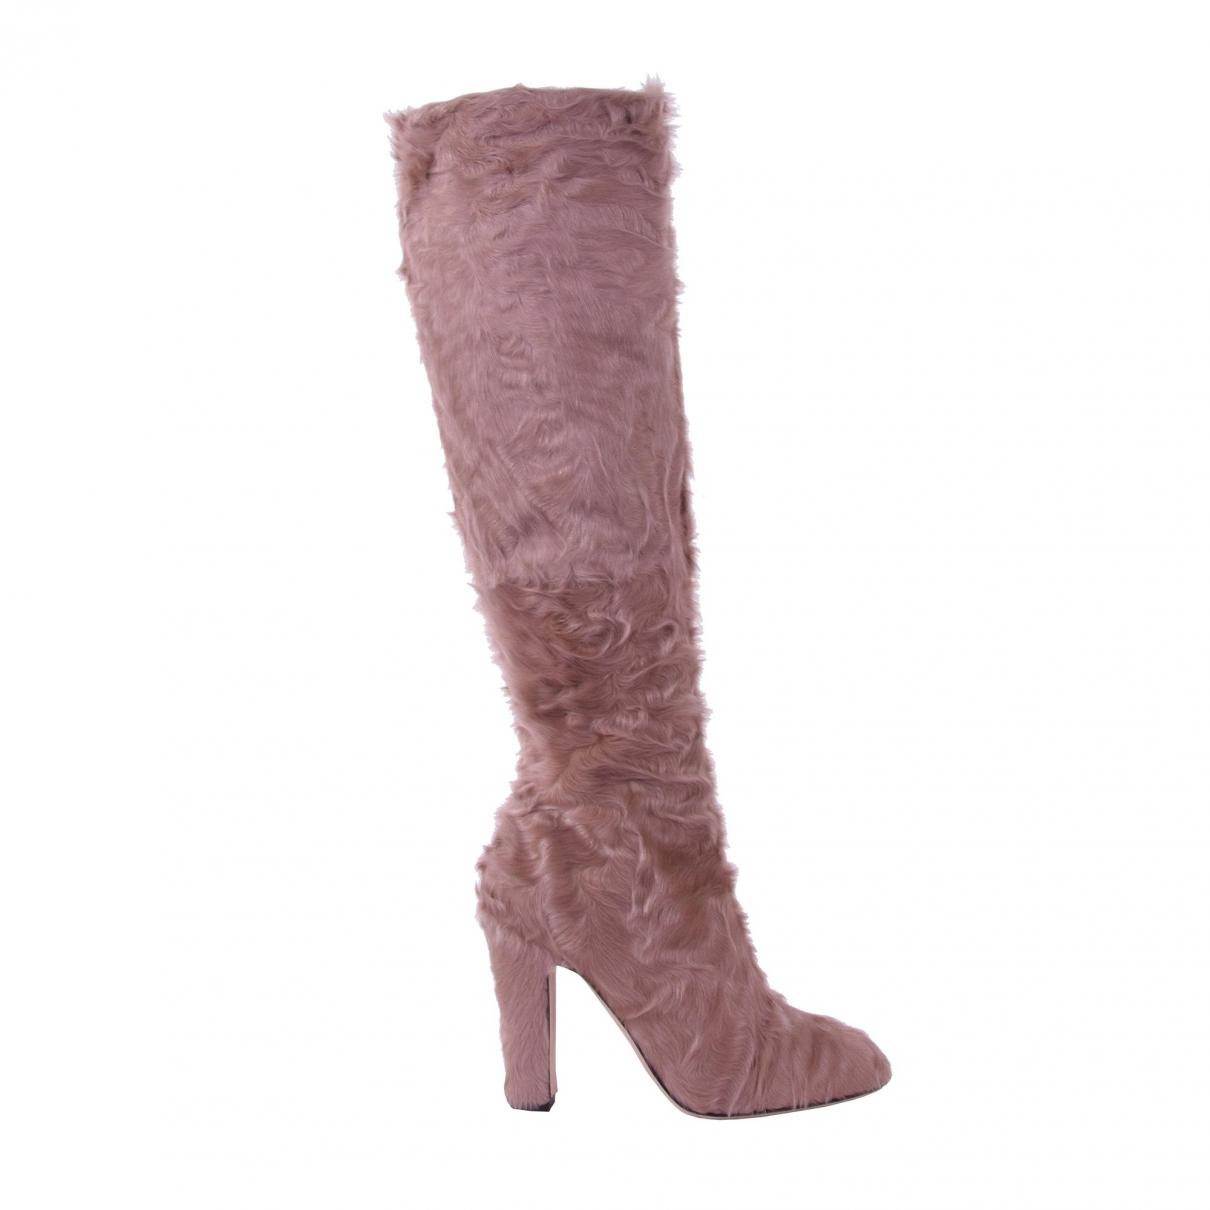 Dolce & Gabbana - Bottes   pour femme en fourrure - beige